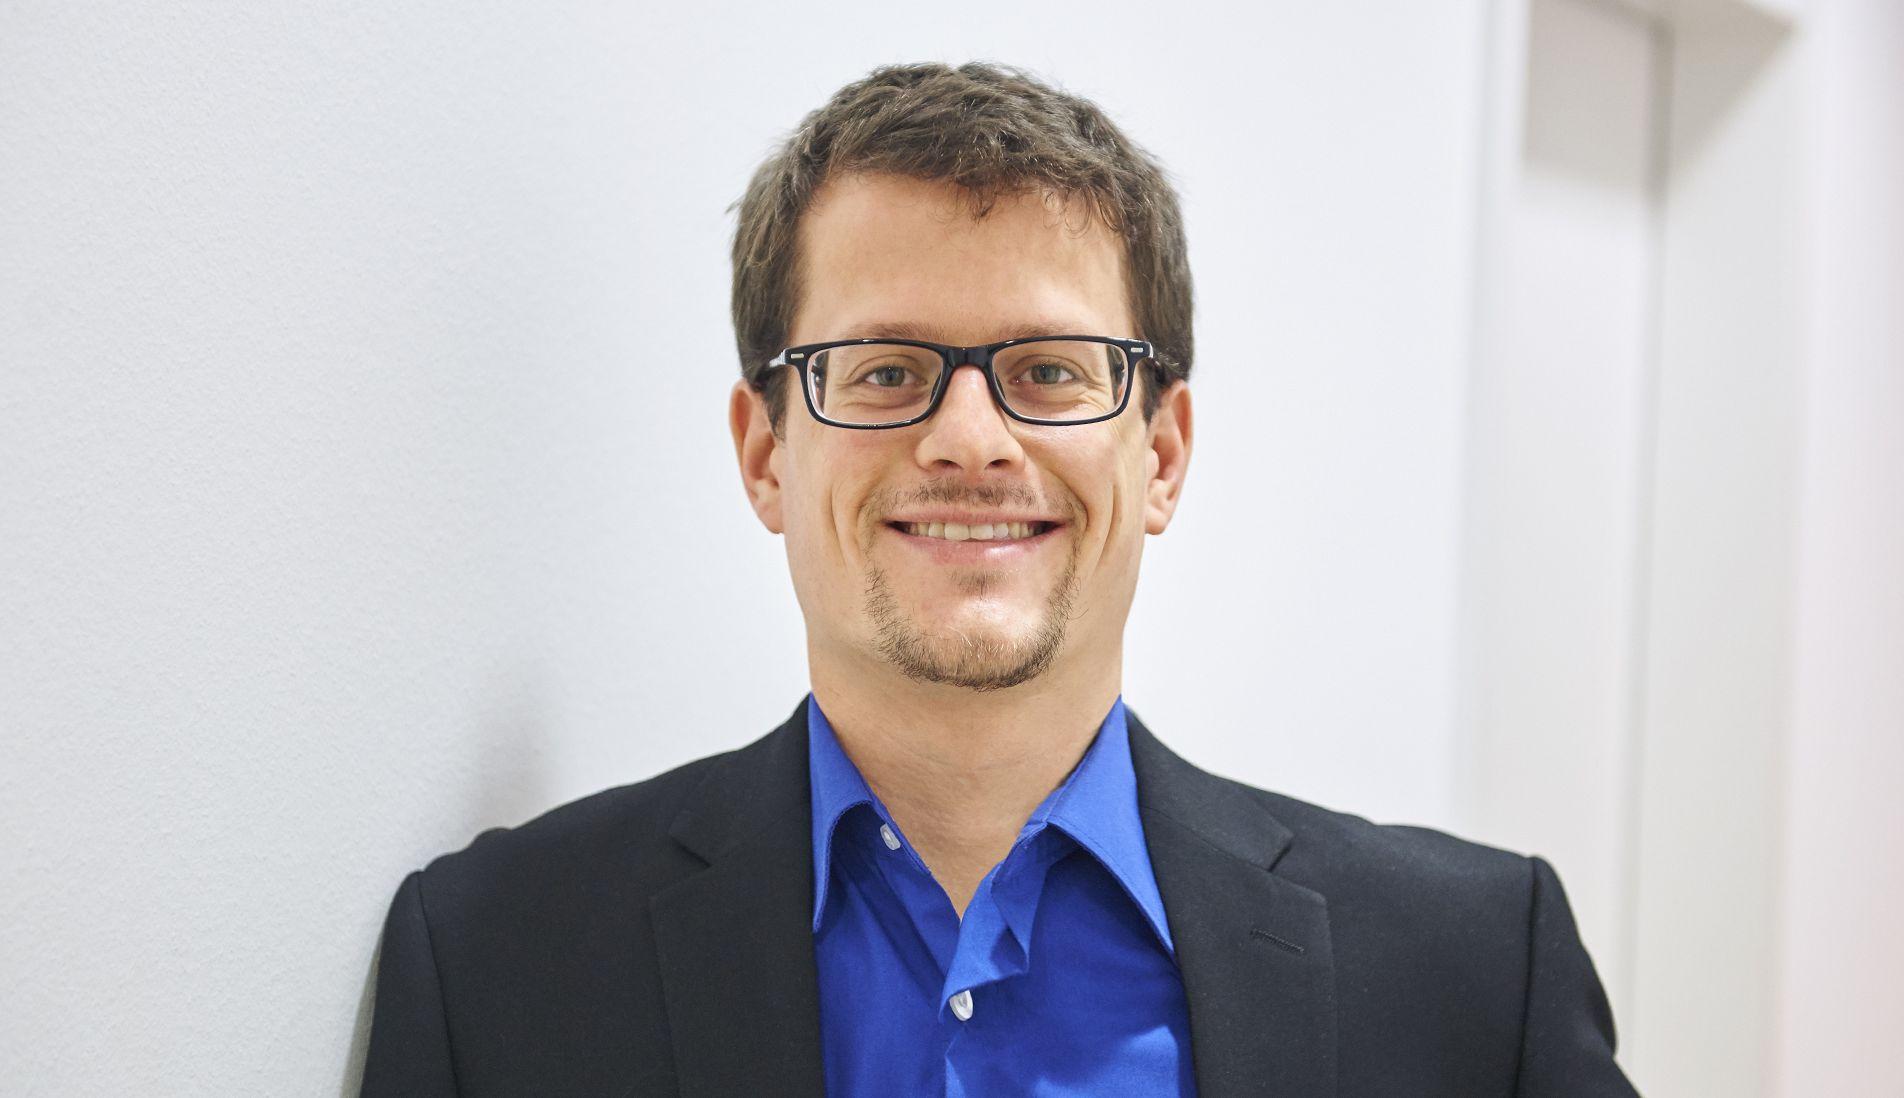 Christian Schipplick (M. Sc.)